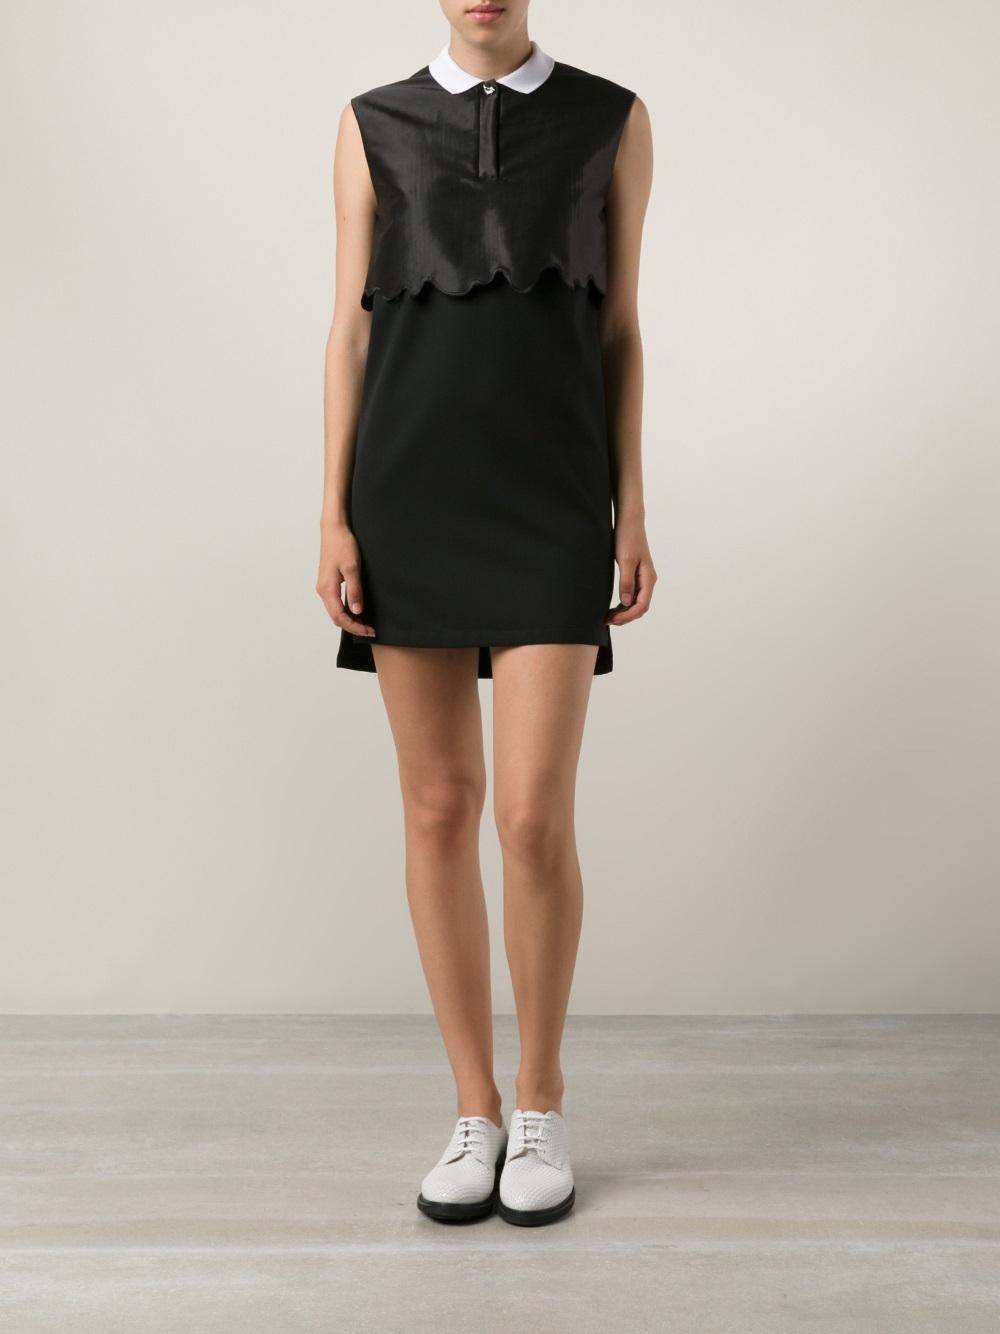 Lyst Kenzo White Collar Sleeveless Dress In Black